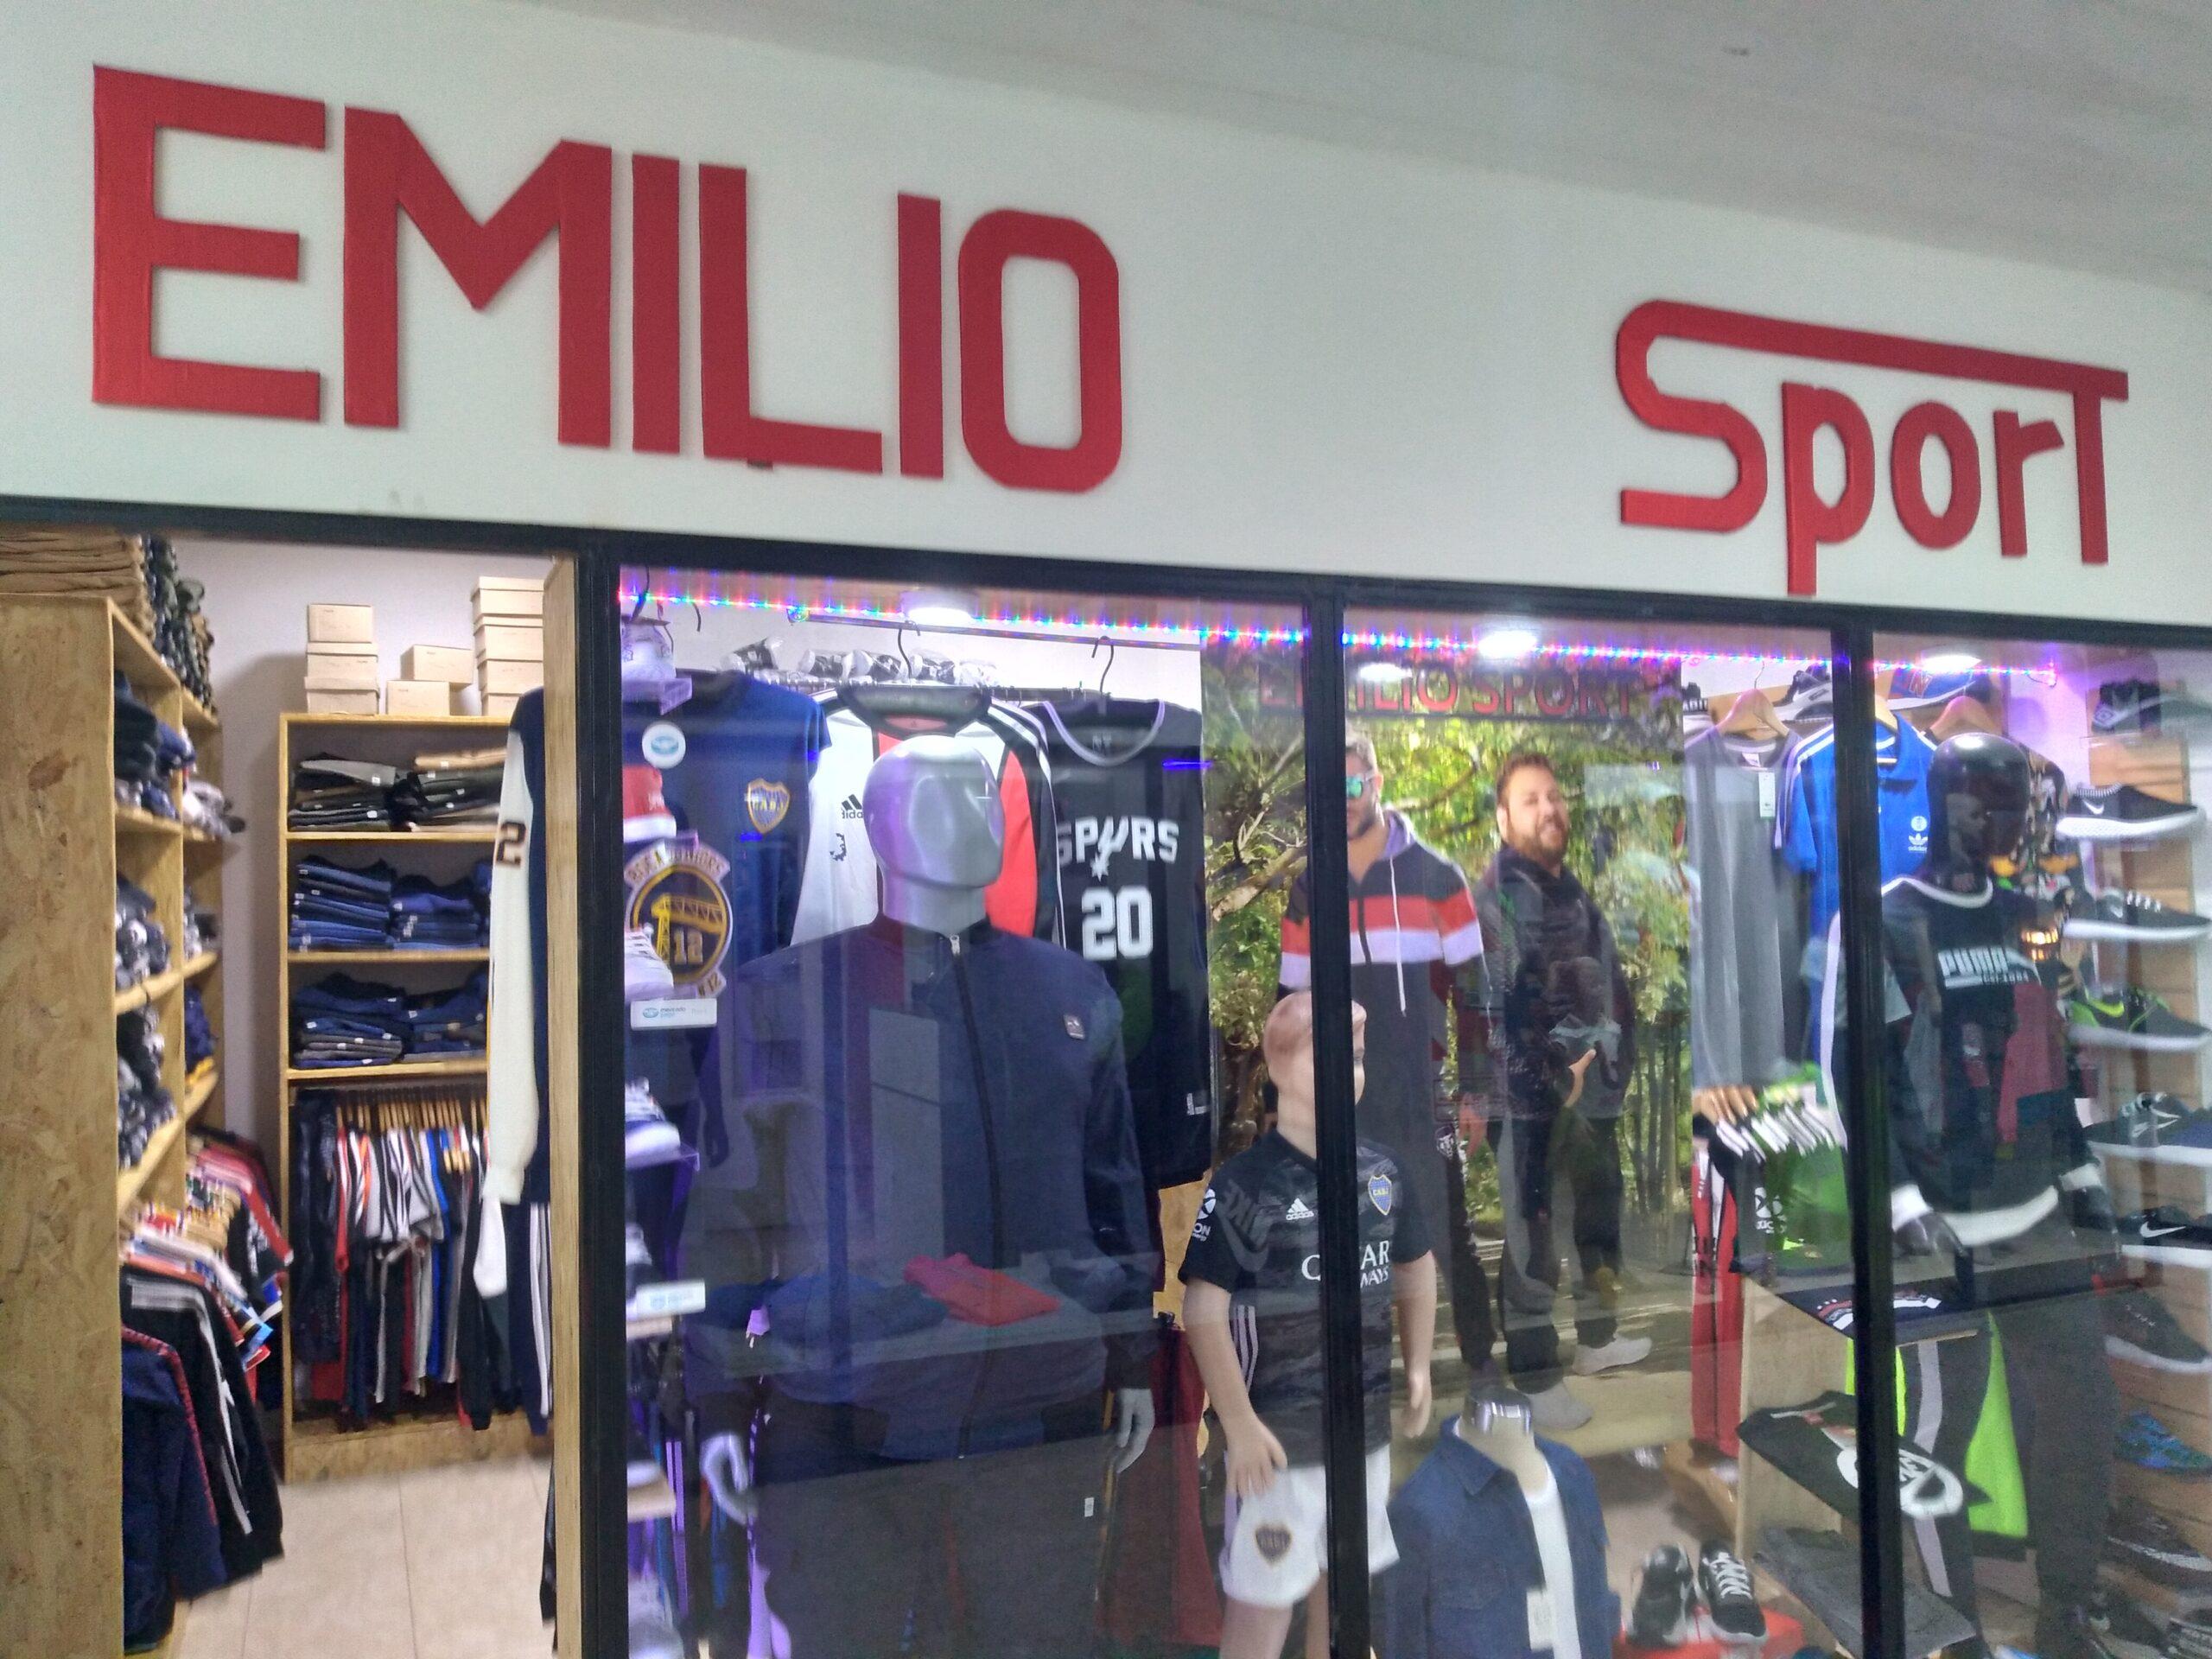 Emilio Sports